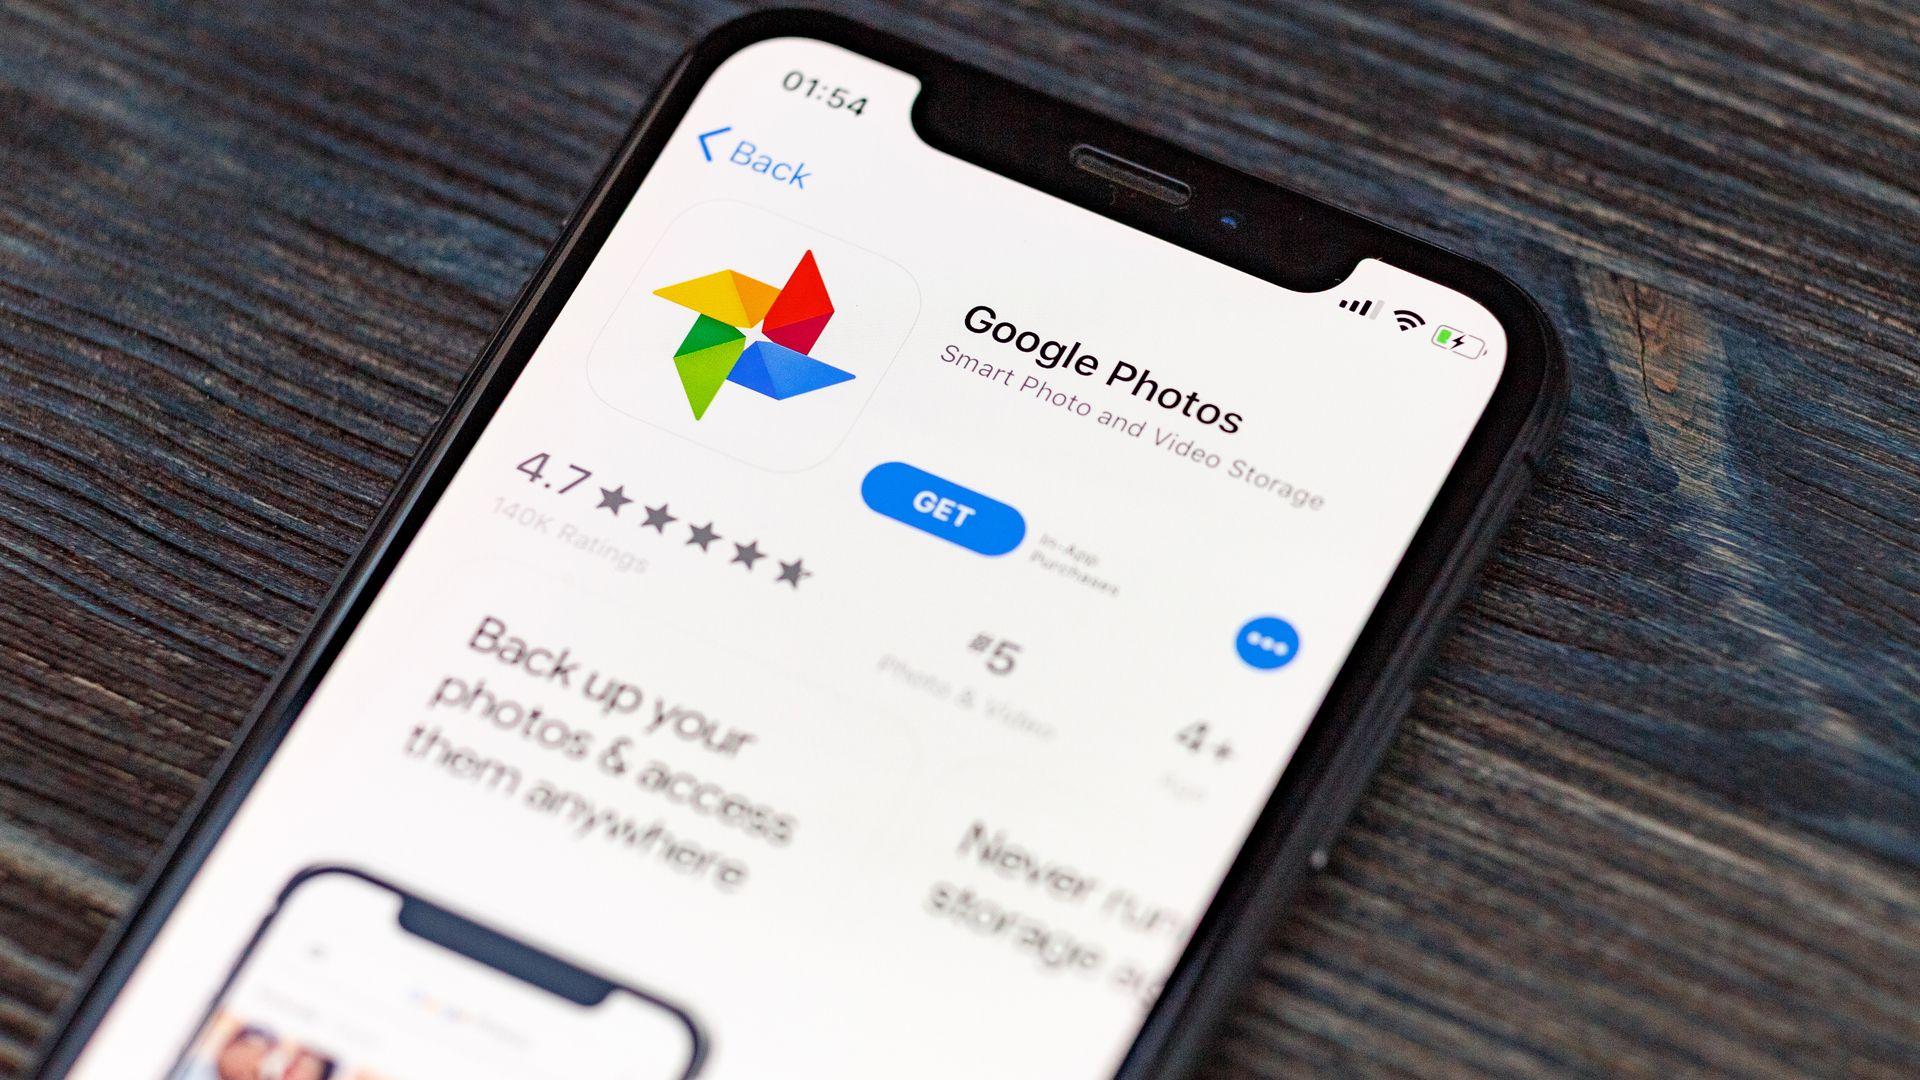 Google Fotos também pode ser utilizado no iPhone (Imagem: XanderSt/Shutterstock)